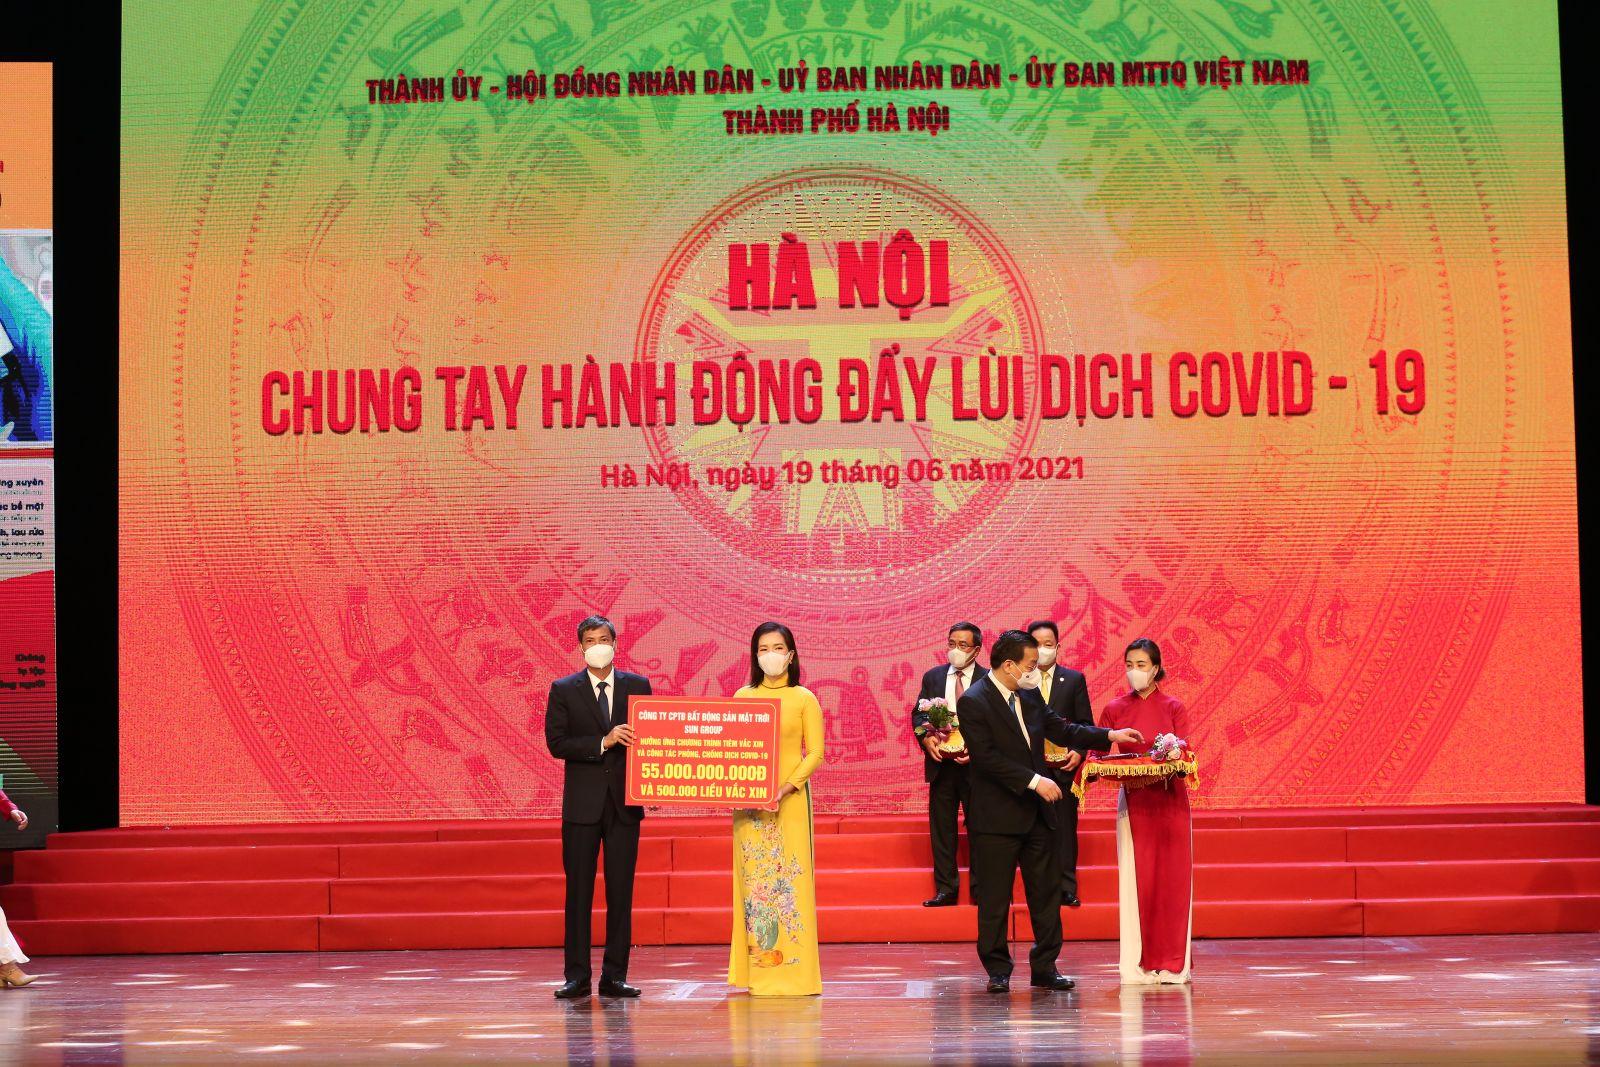 Tập đoàn Sun Group trao tặng Quỹ vaccine Hà Nội 55 tỷ đồng